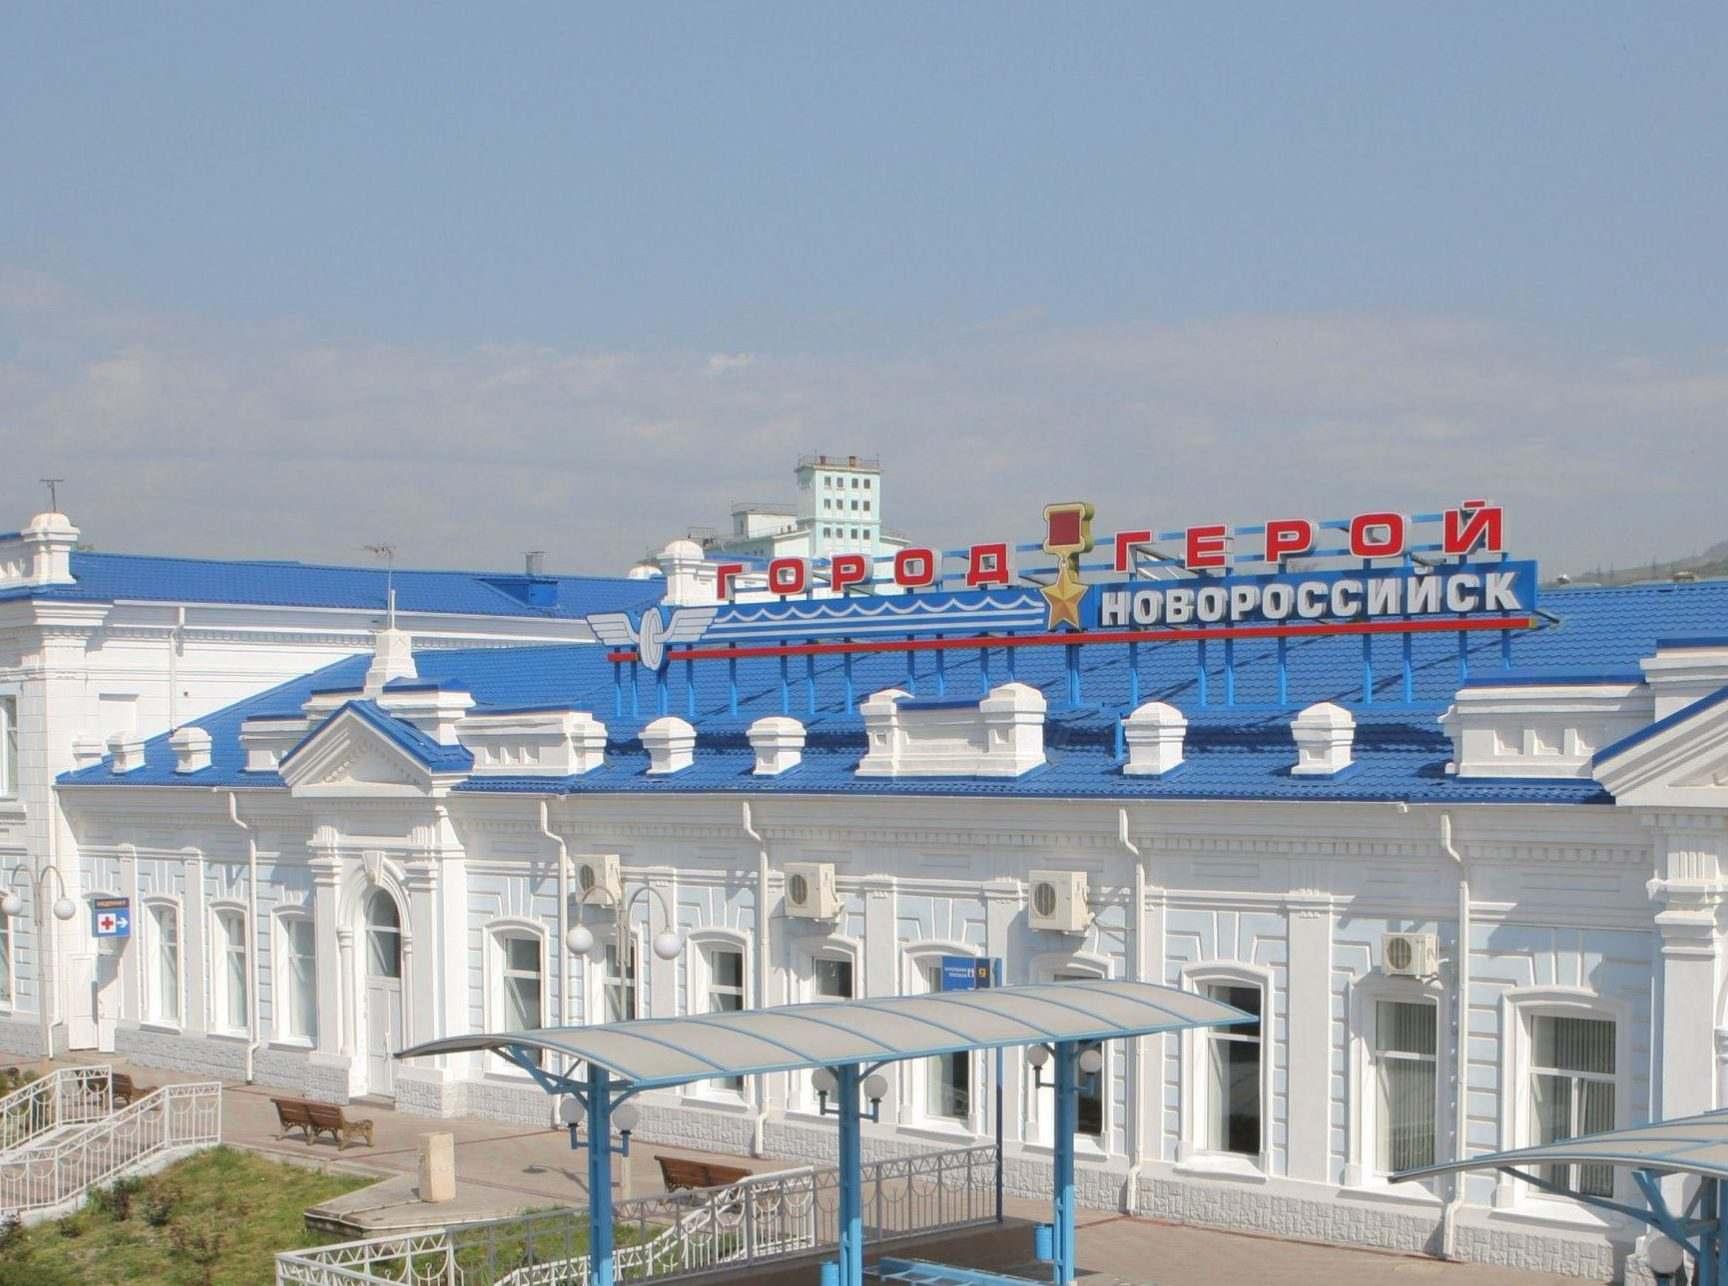 С железнодорожного вокзала Новороссийска можно отправить электронную открытку в любую точку мира